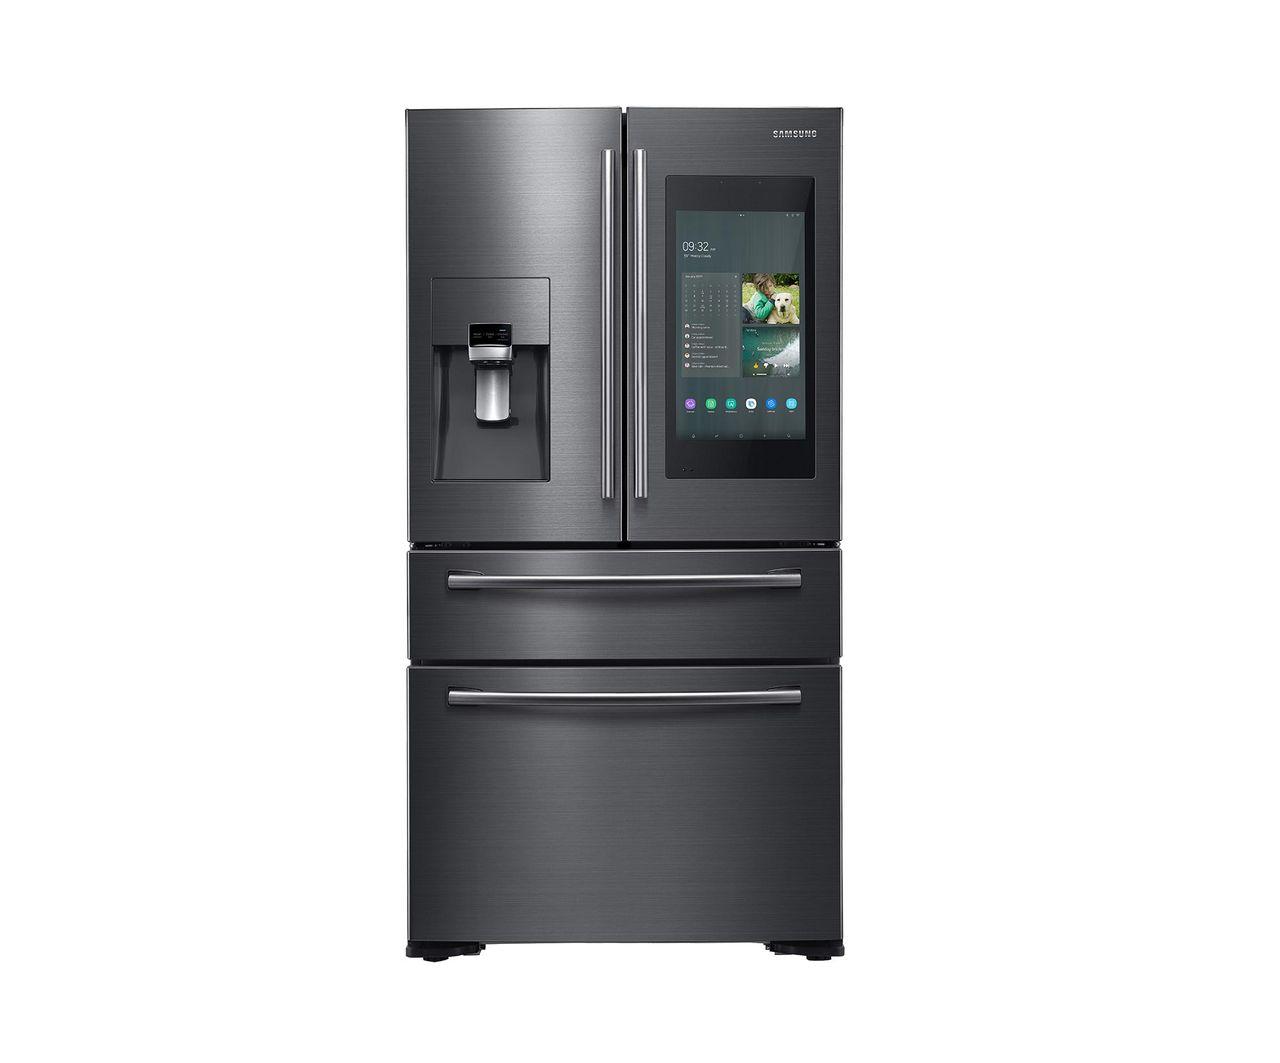 Få notis i mobilen när du glömt stänga kylskåpet